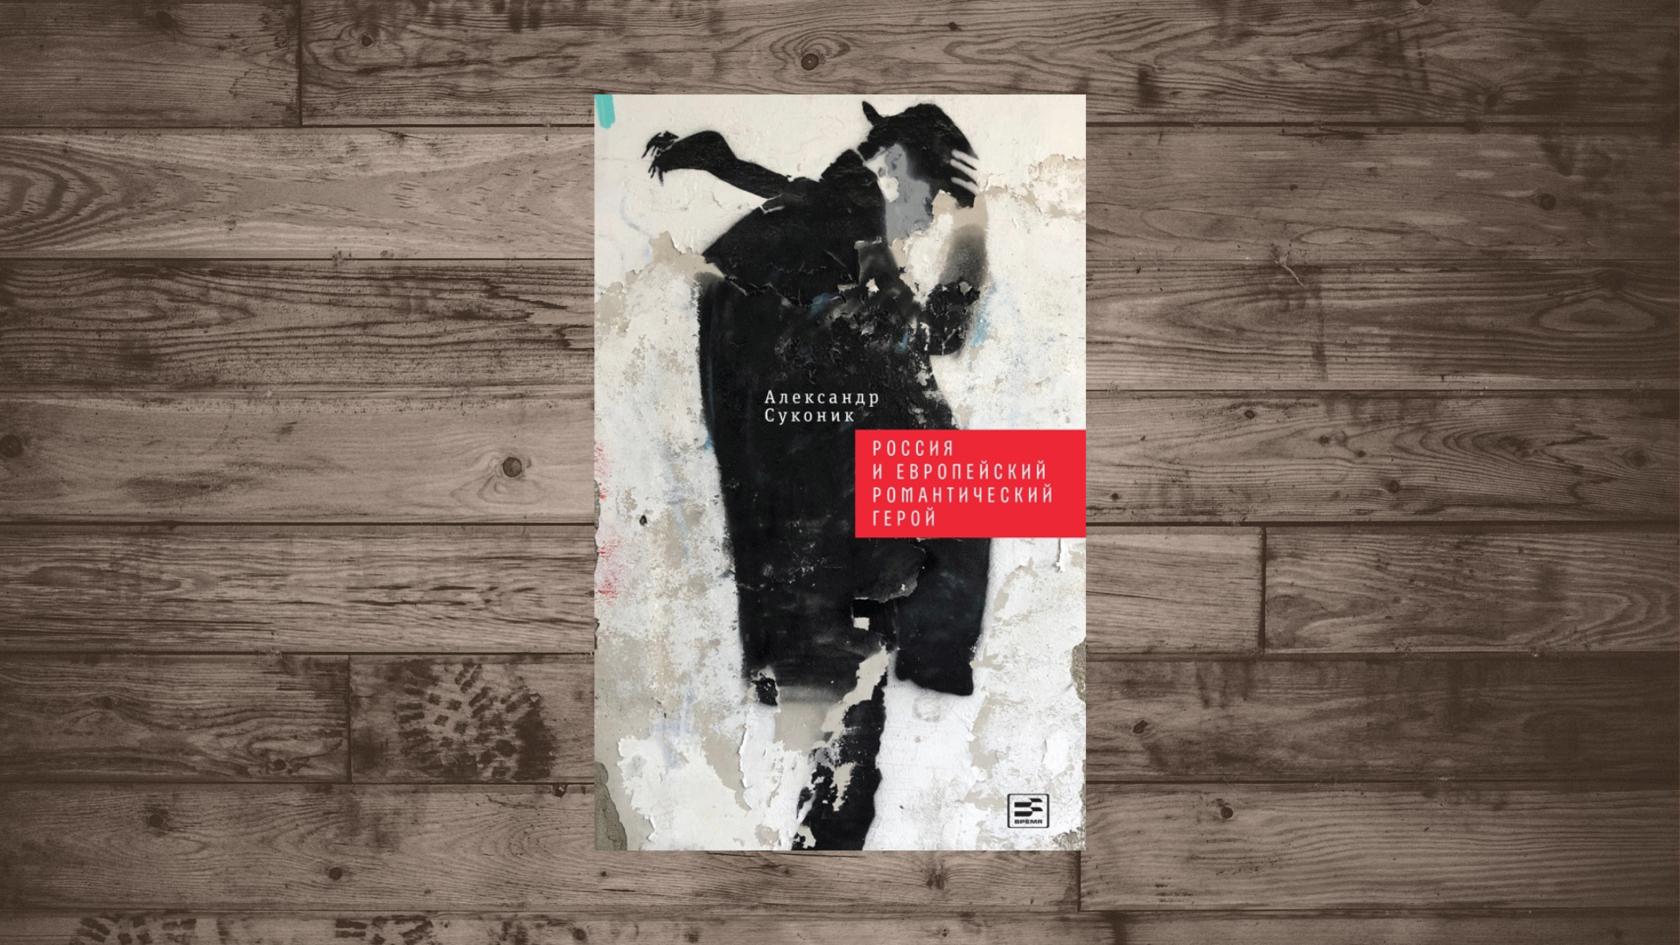 Купить «Россия и европейский романтический герой» Александр Суконик, Время, 978-5-9691-1792-1